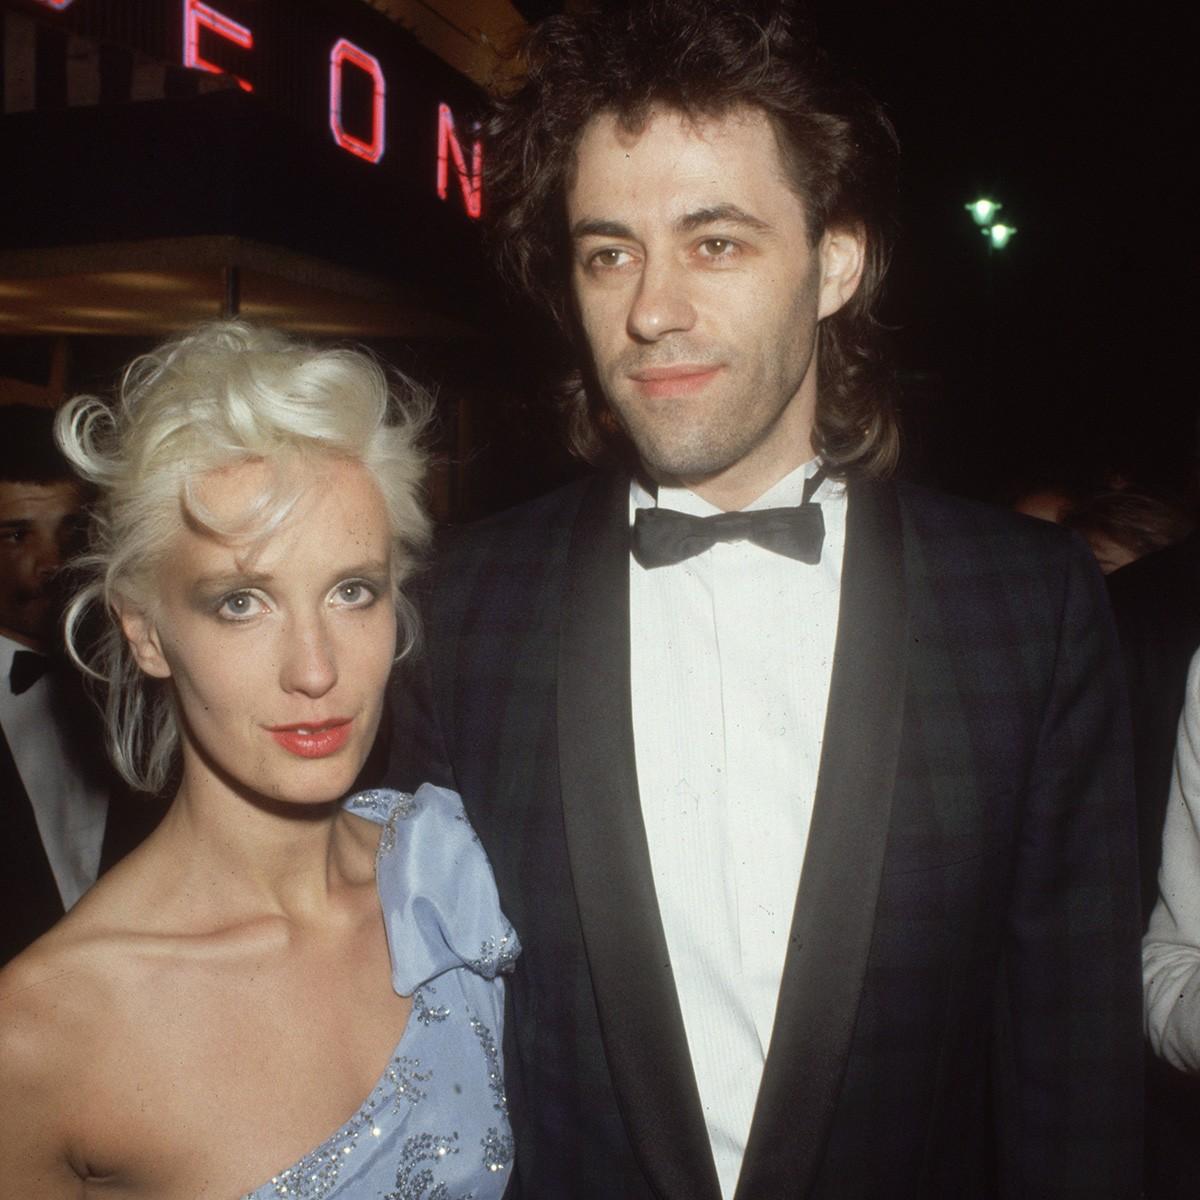 Paula Yates e Bob Geldof demonstraram toda sua extravagância com o nome das filhas Peaches (Pêssegos), Pixie e Fifi Trixibelle (Foto: Getty Images)